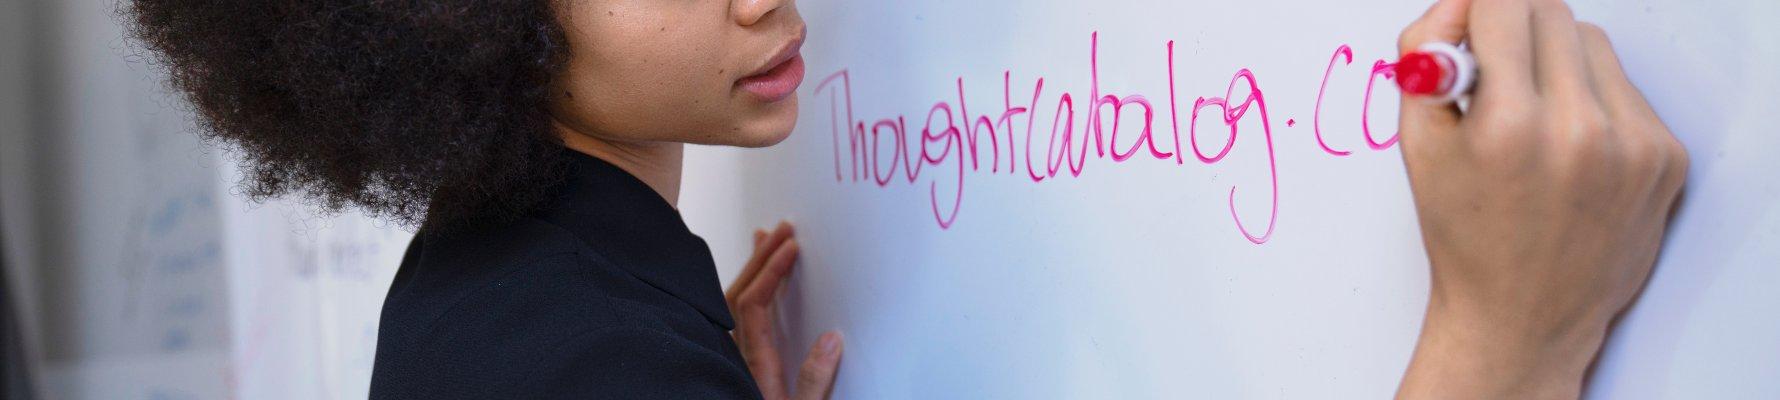 thought-catalog-xhaz5bw9ay0-unsplash